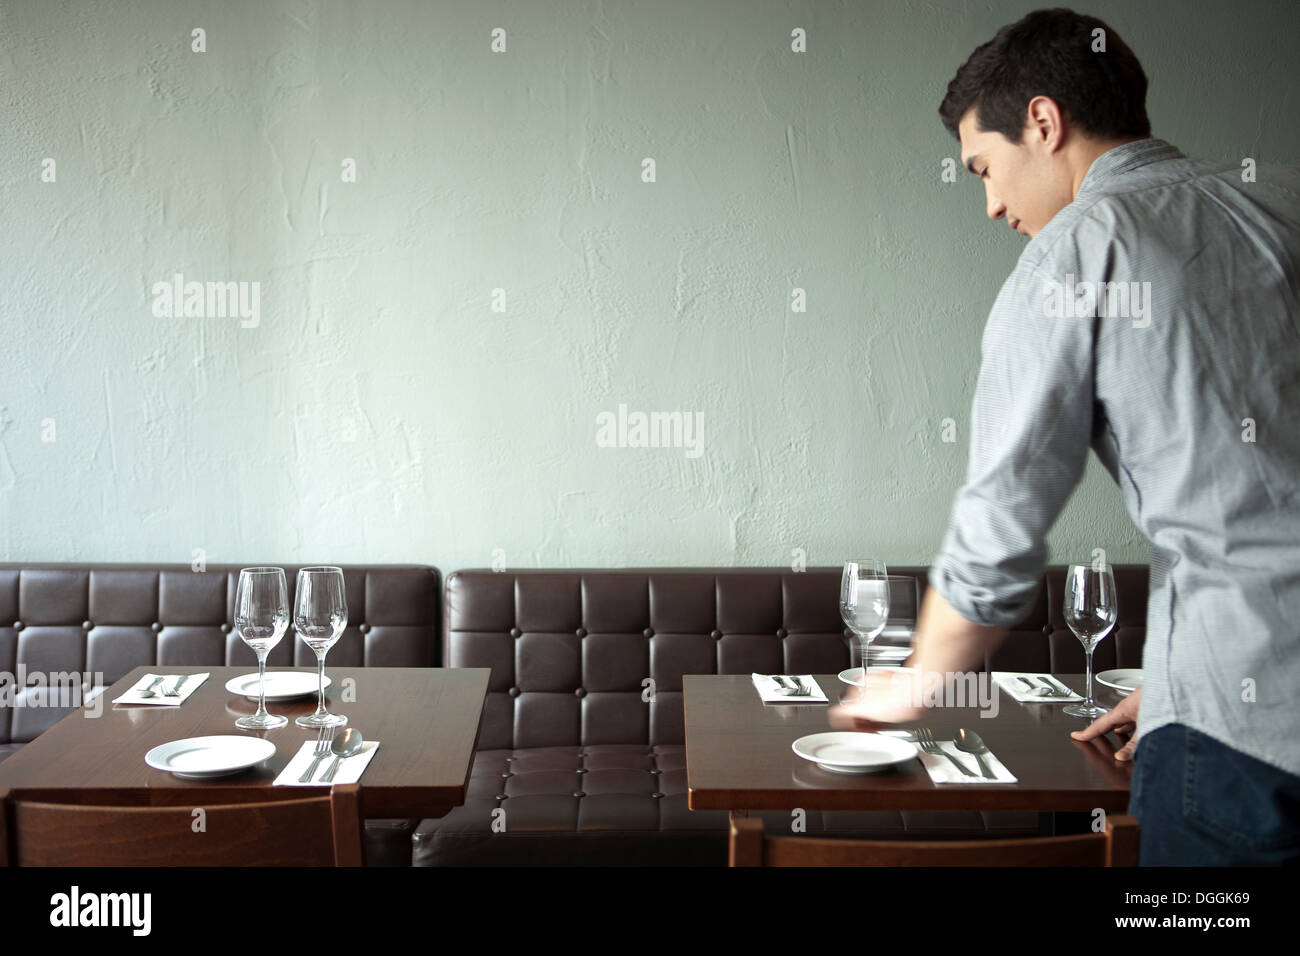 L'établissement hôtellerie restaurant en table Photo Stock